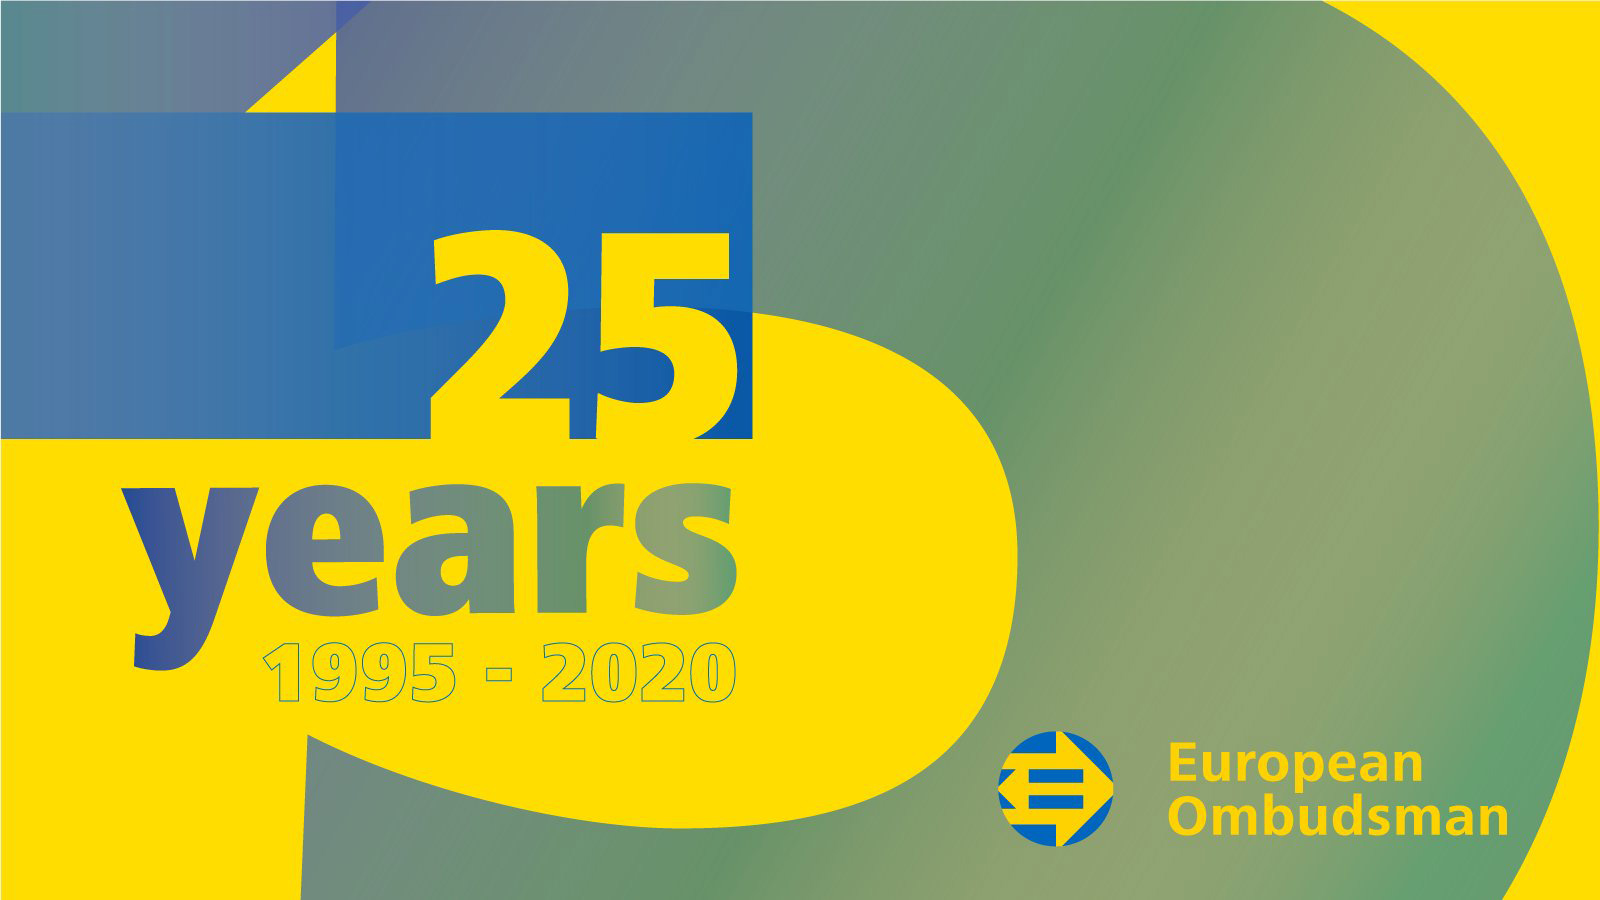 La conferencia de los 25 años